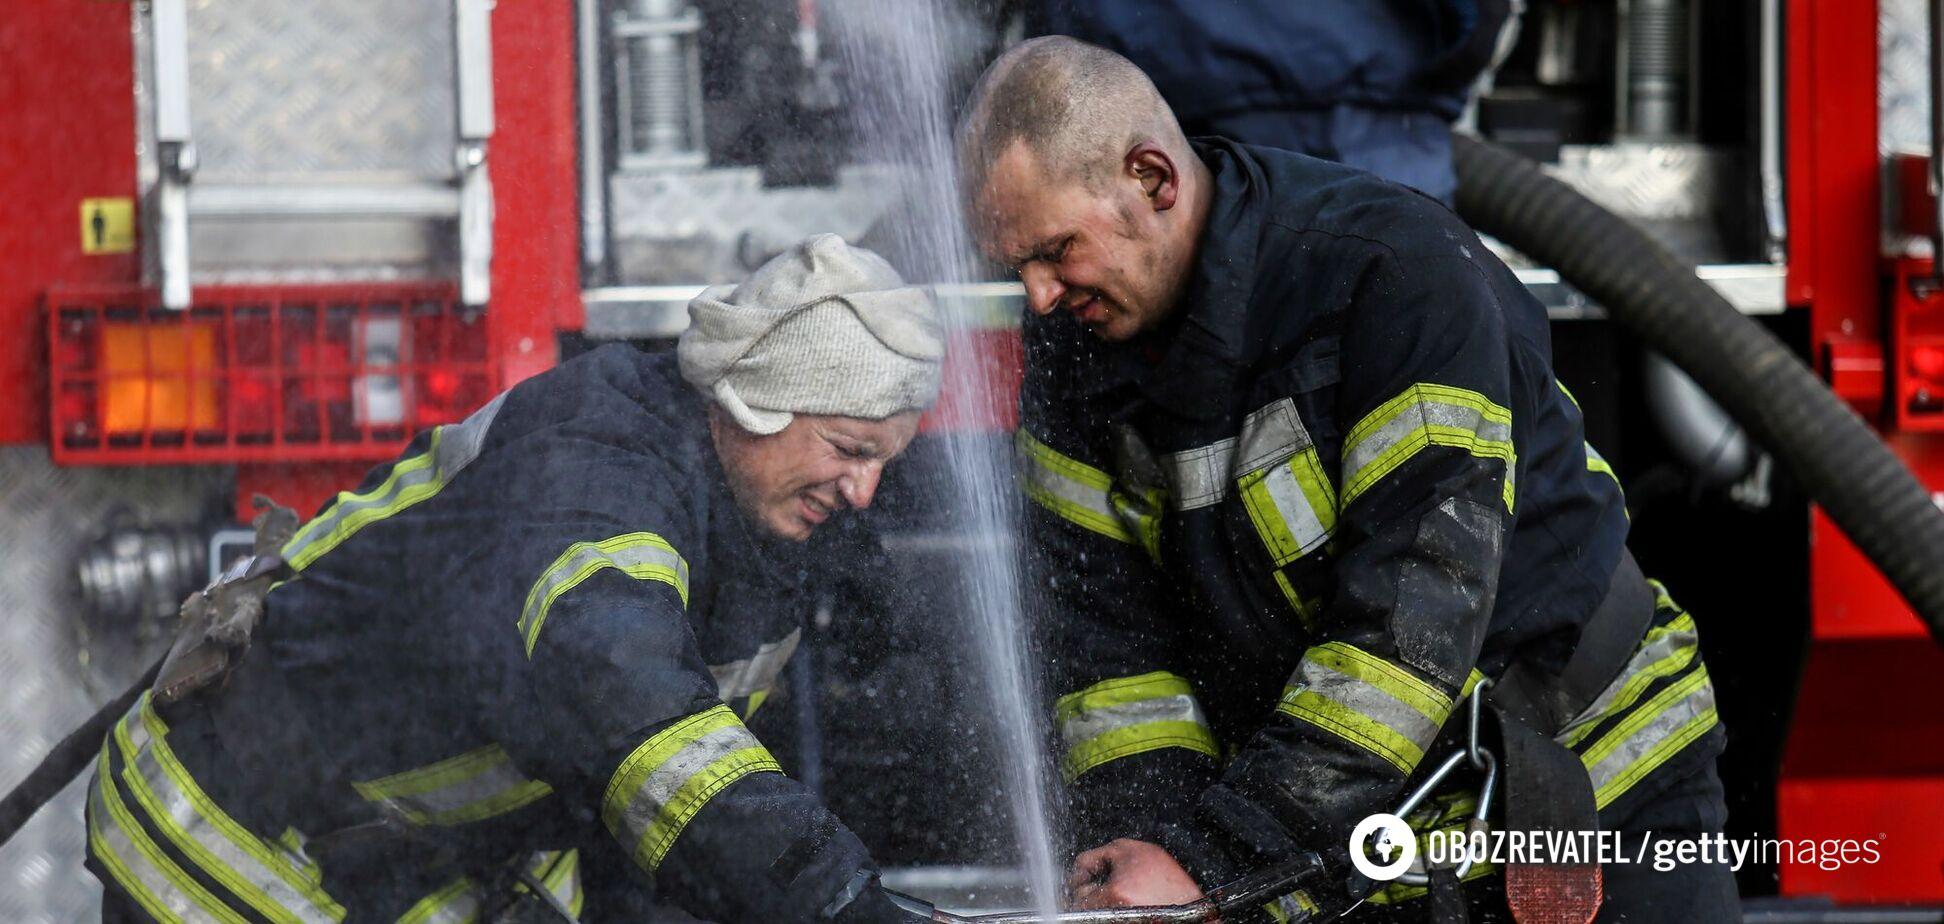 Рятувальники оперативно приступили до гасіння вогню